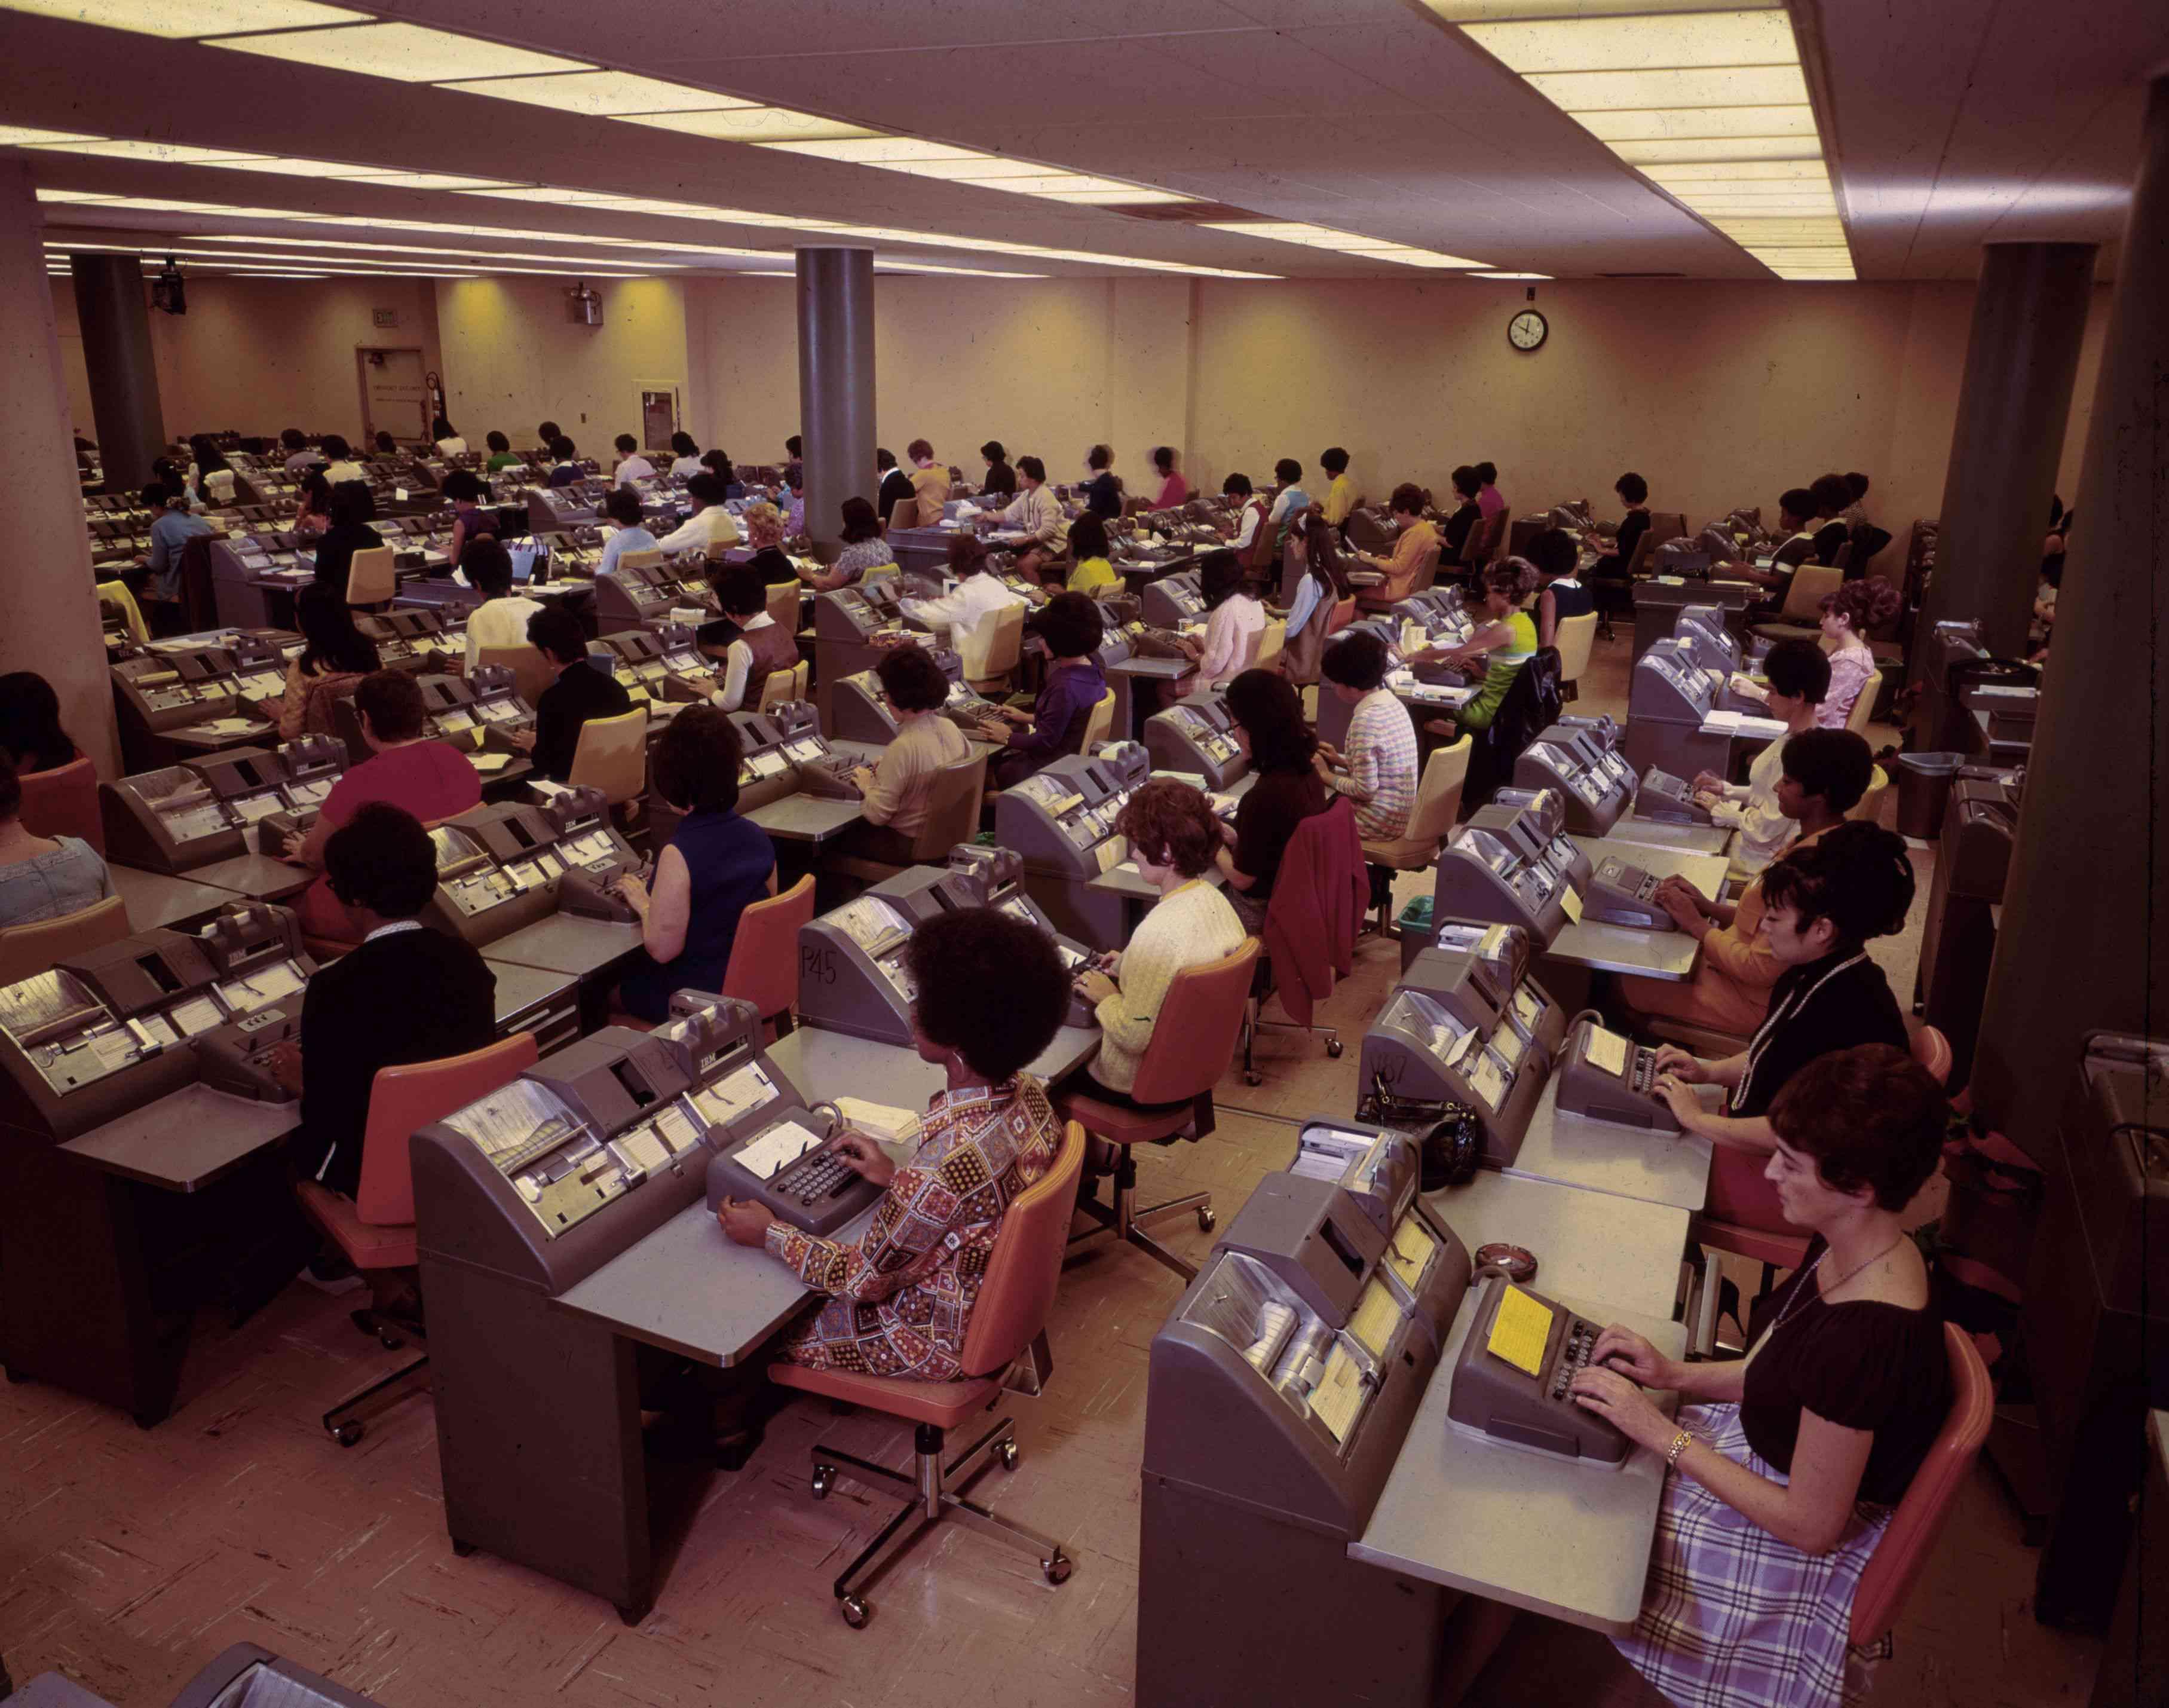 office workers in windowless room